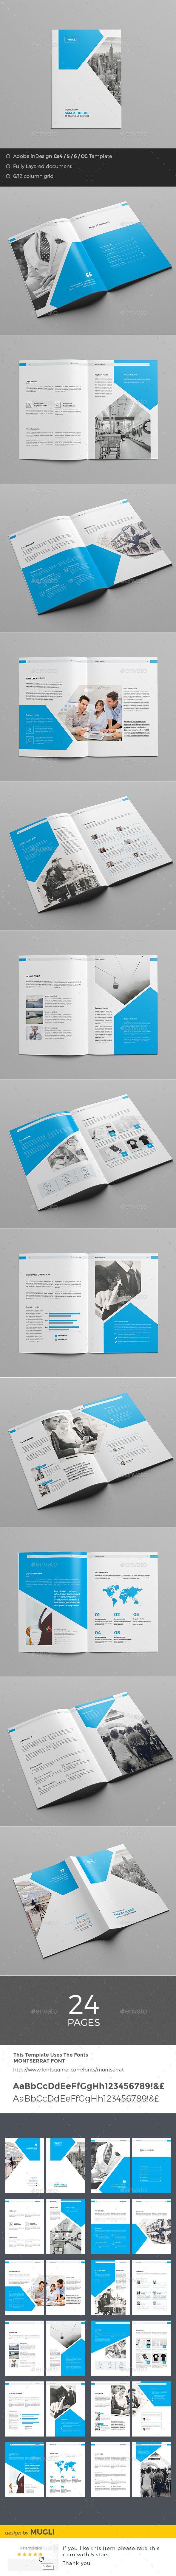 Corporate Brochure | Diseño editorial, Editorial y Publicitaria